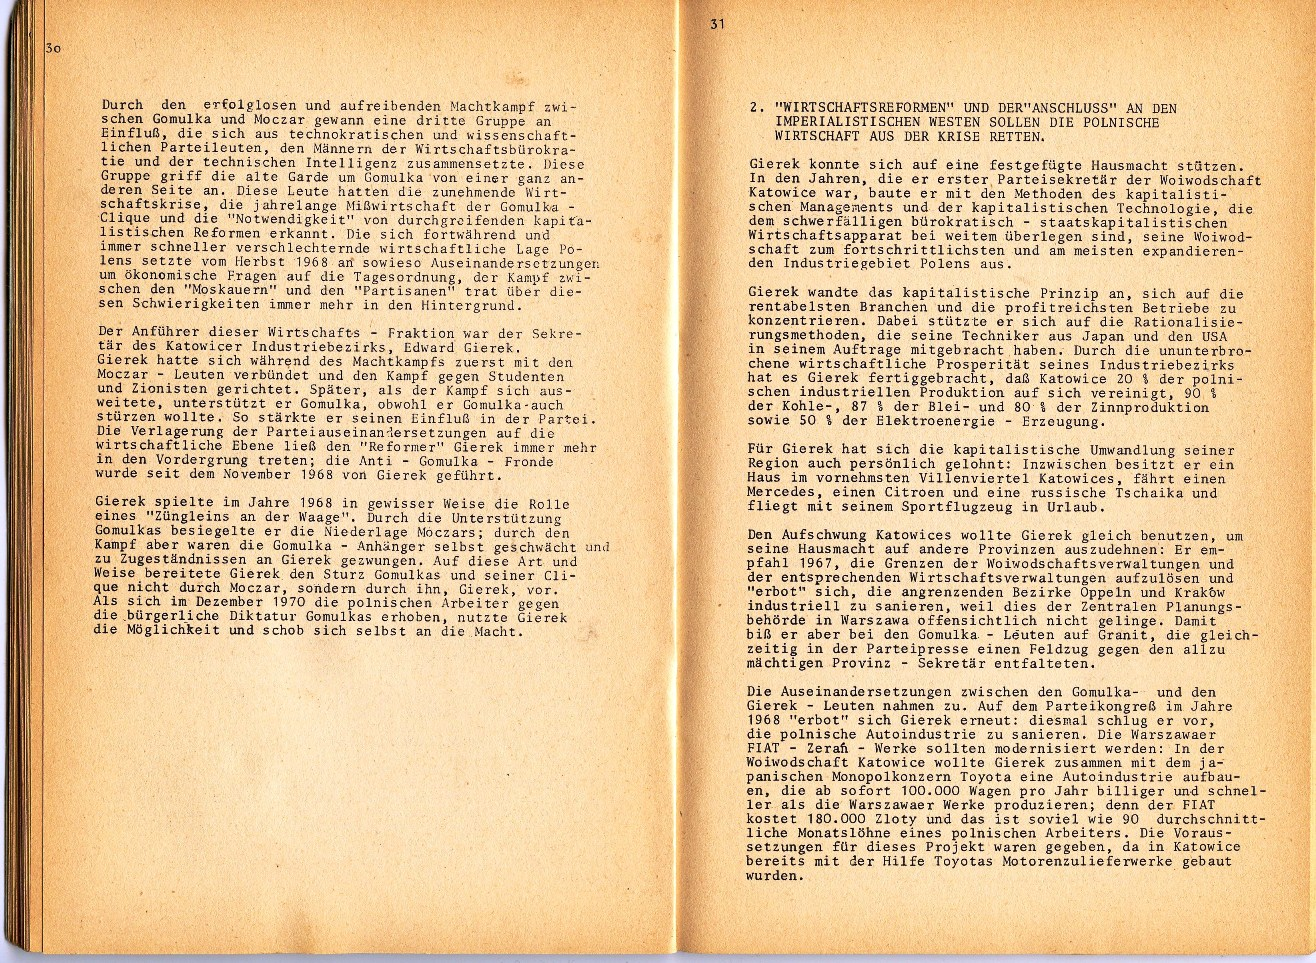 ZB_Polen_Aufstand_1971_19